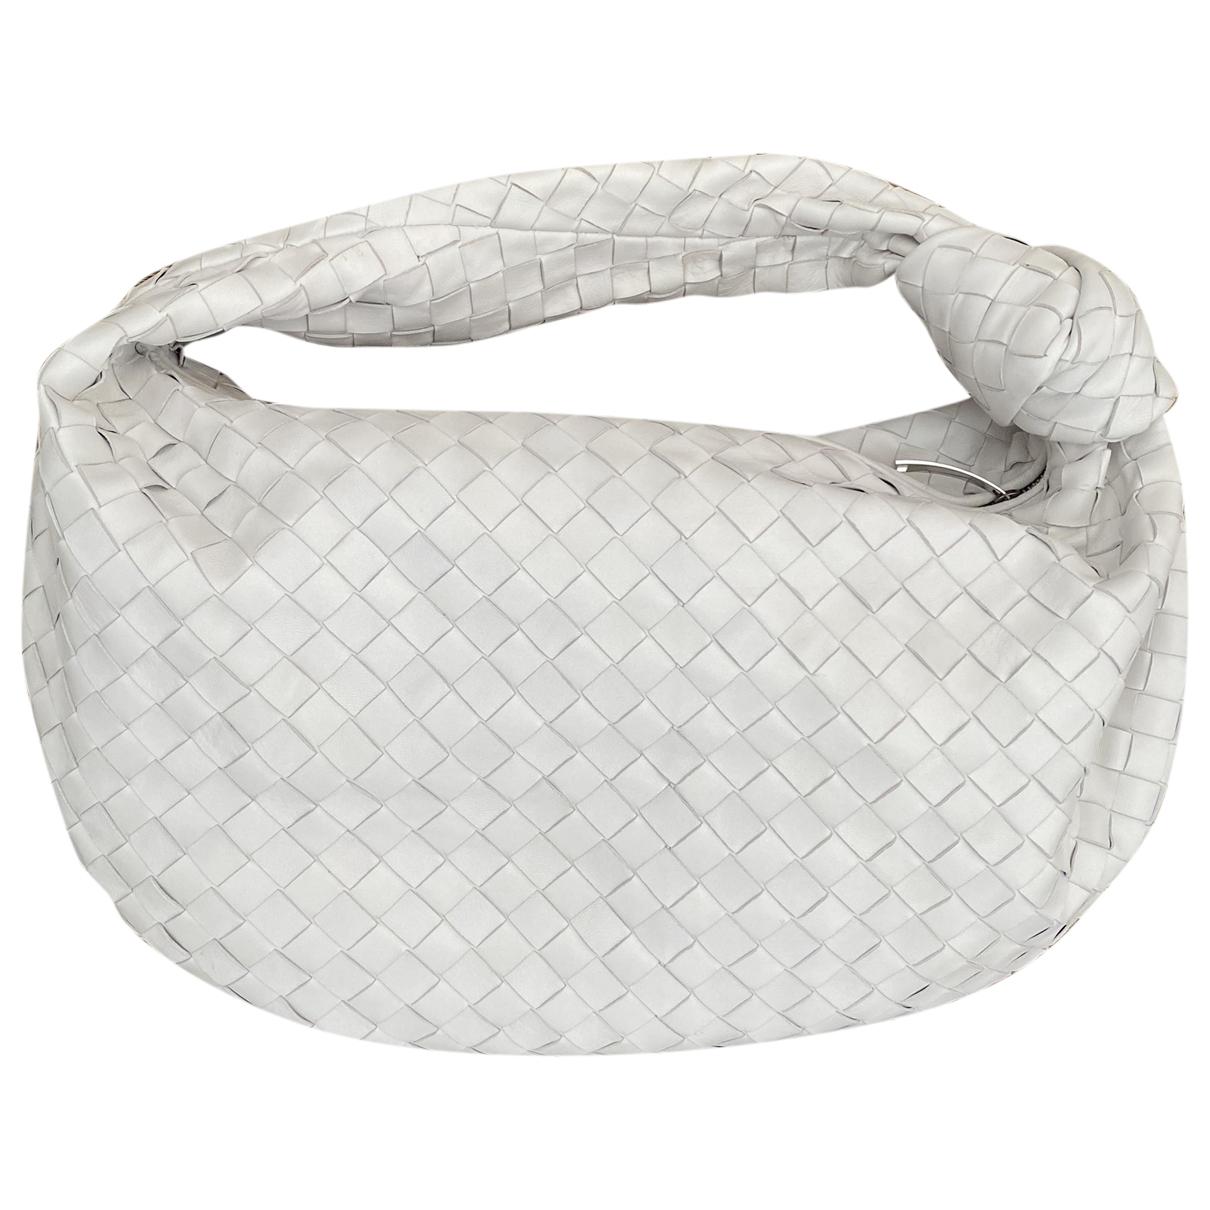 Bottega Veneta Jodie White Leather handbag for Women \N